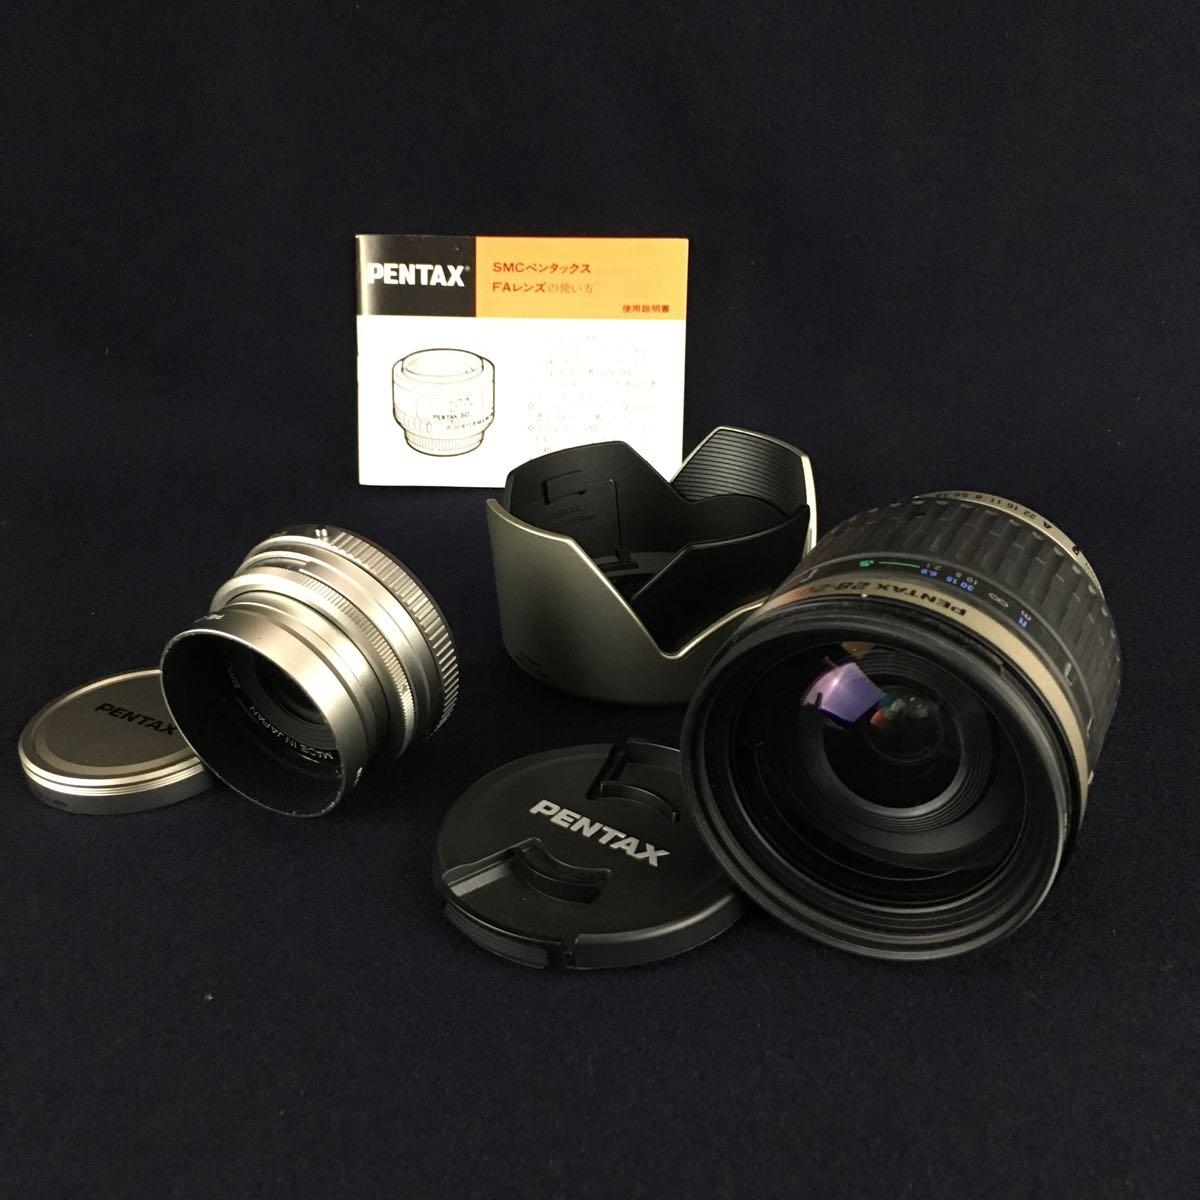 PENTAX-FA 43mm 1.9 Limited / FA 28-200mm 3.8-5.6 オートフォーカスレンズ2点